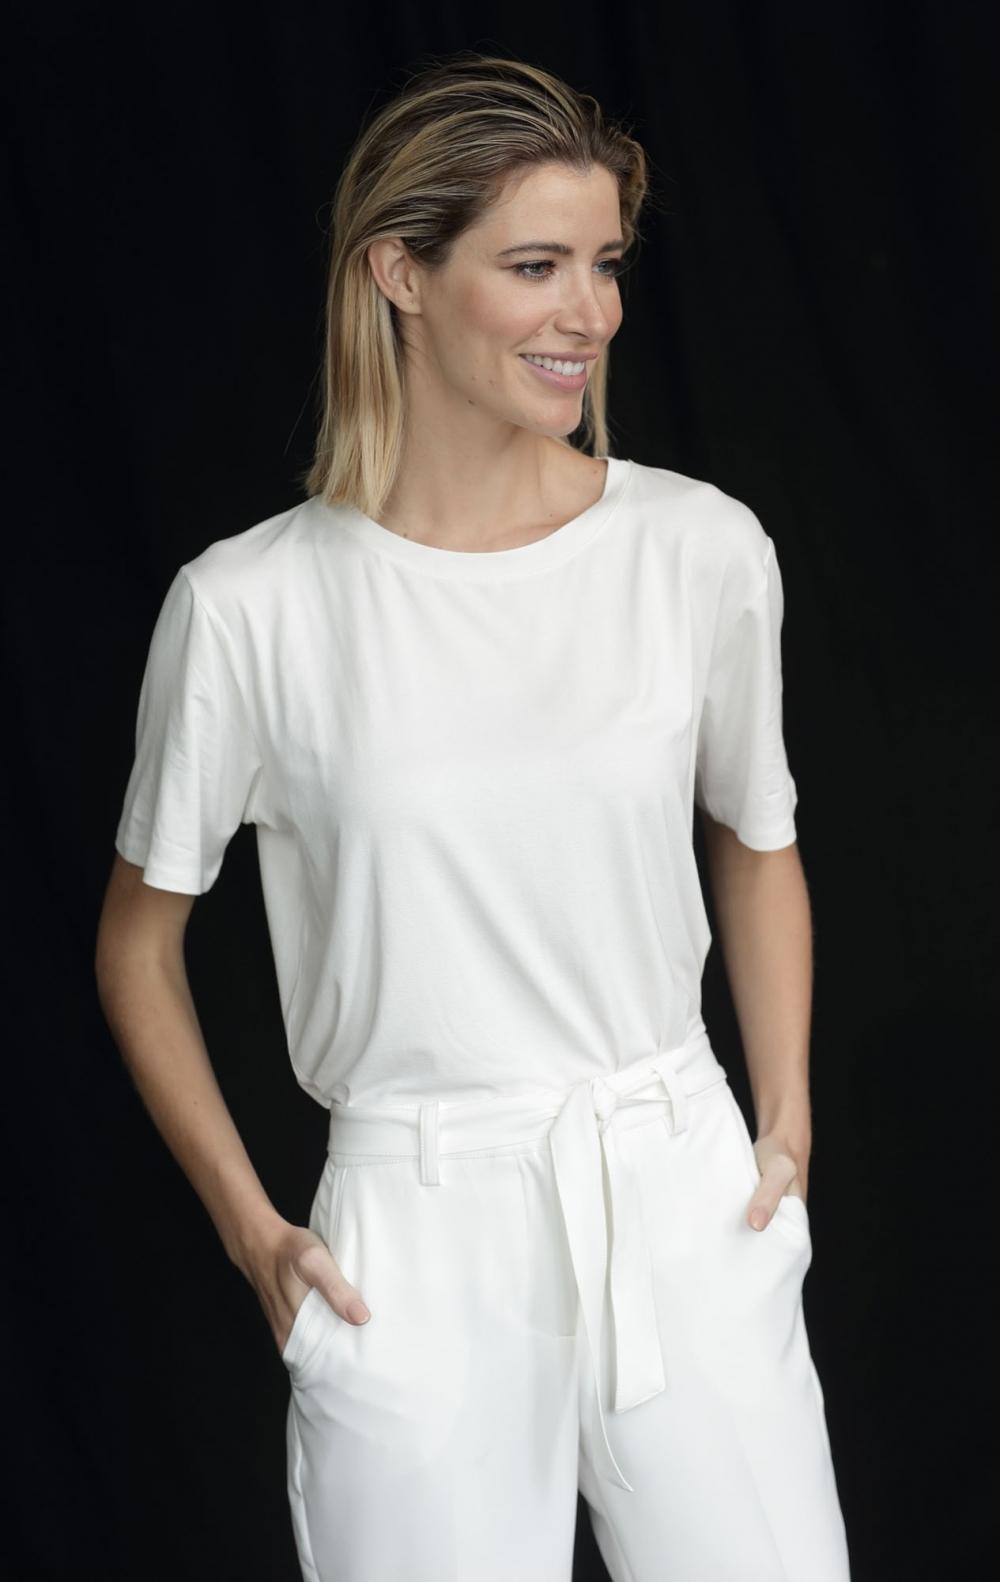 T-Shirt CB Viscocrepe Off White  - Foto 1